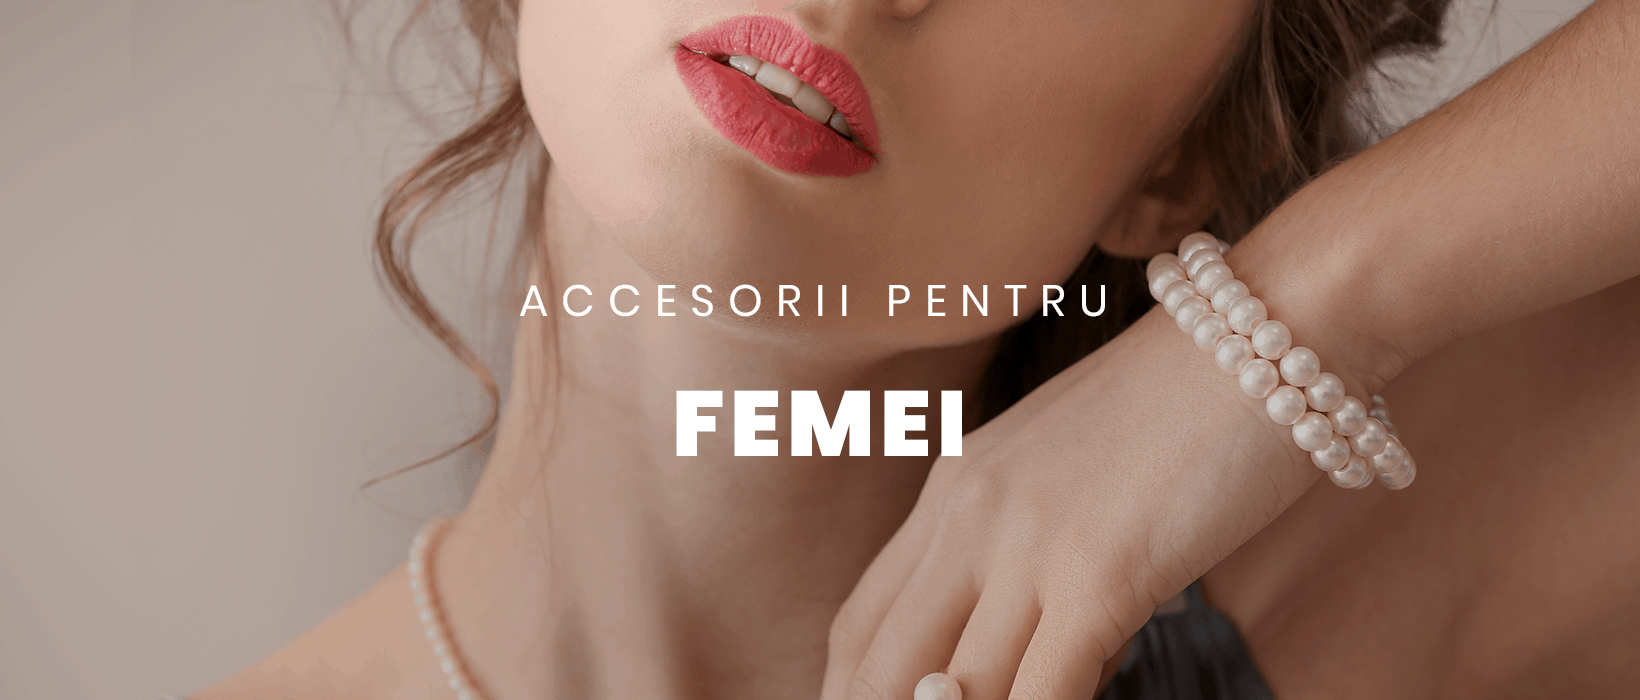 Accesorii pentru femei